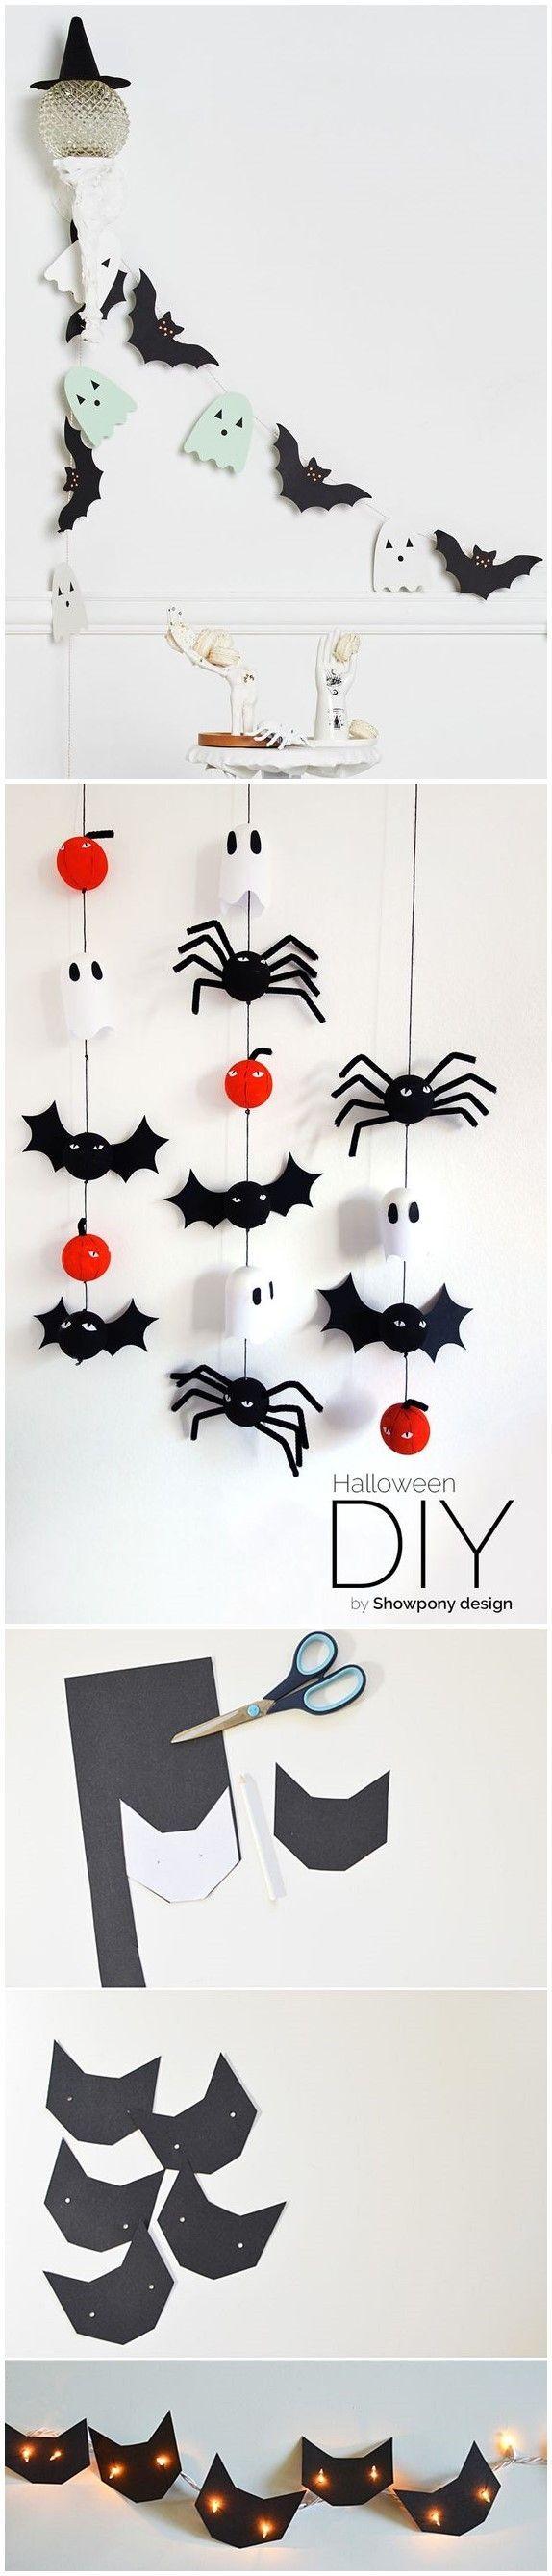 Divertidas y adorables guirnaldas para hacer con los más peques de casa para decorar tu casa en Halloween @Utrillanais